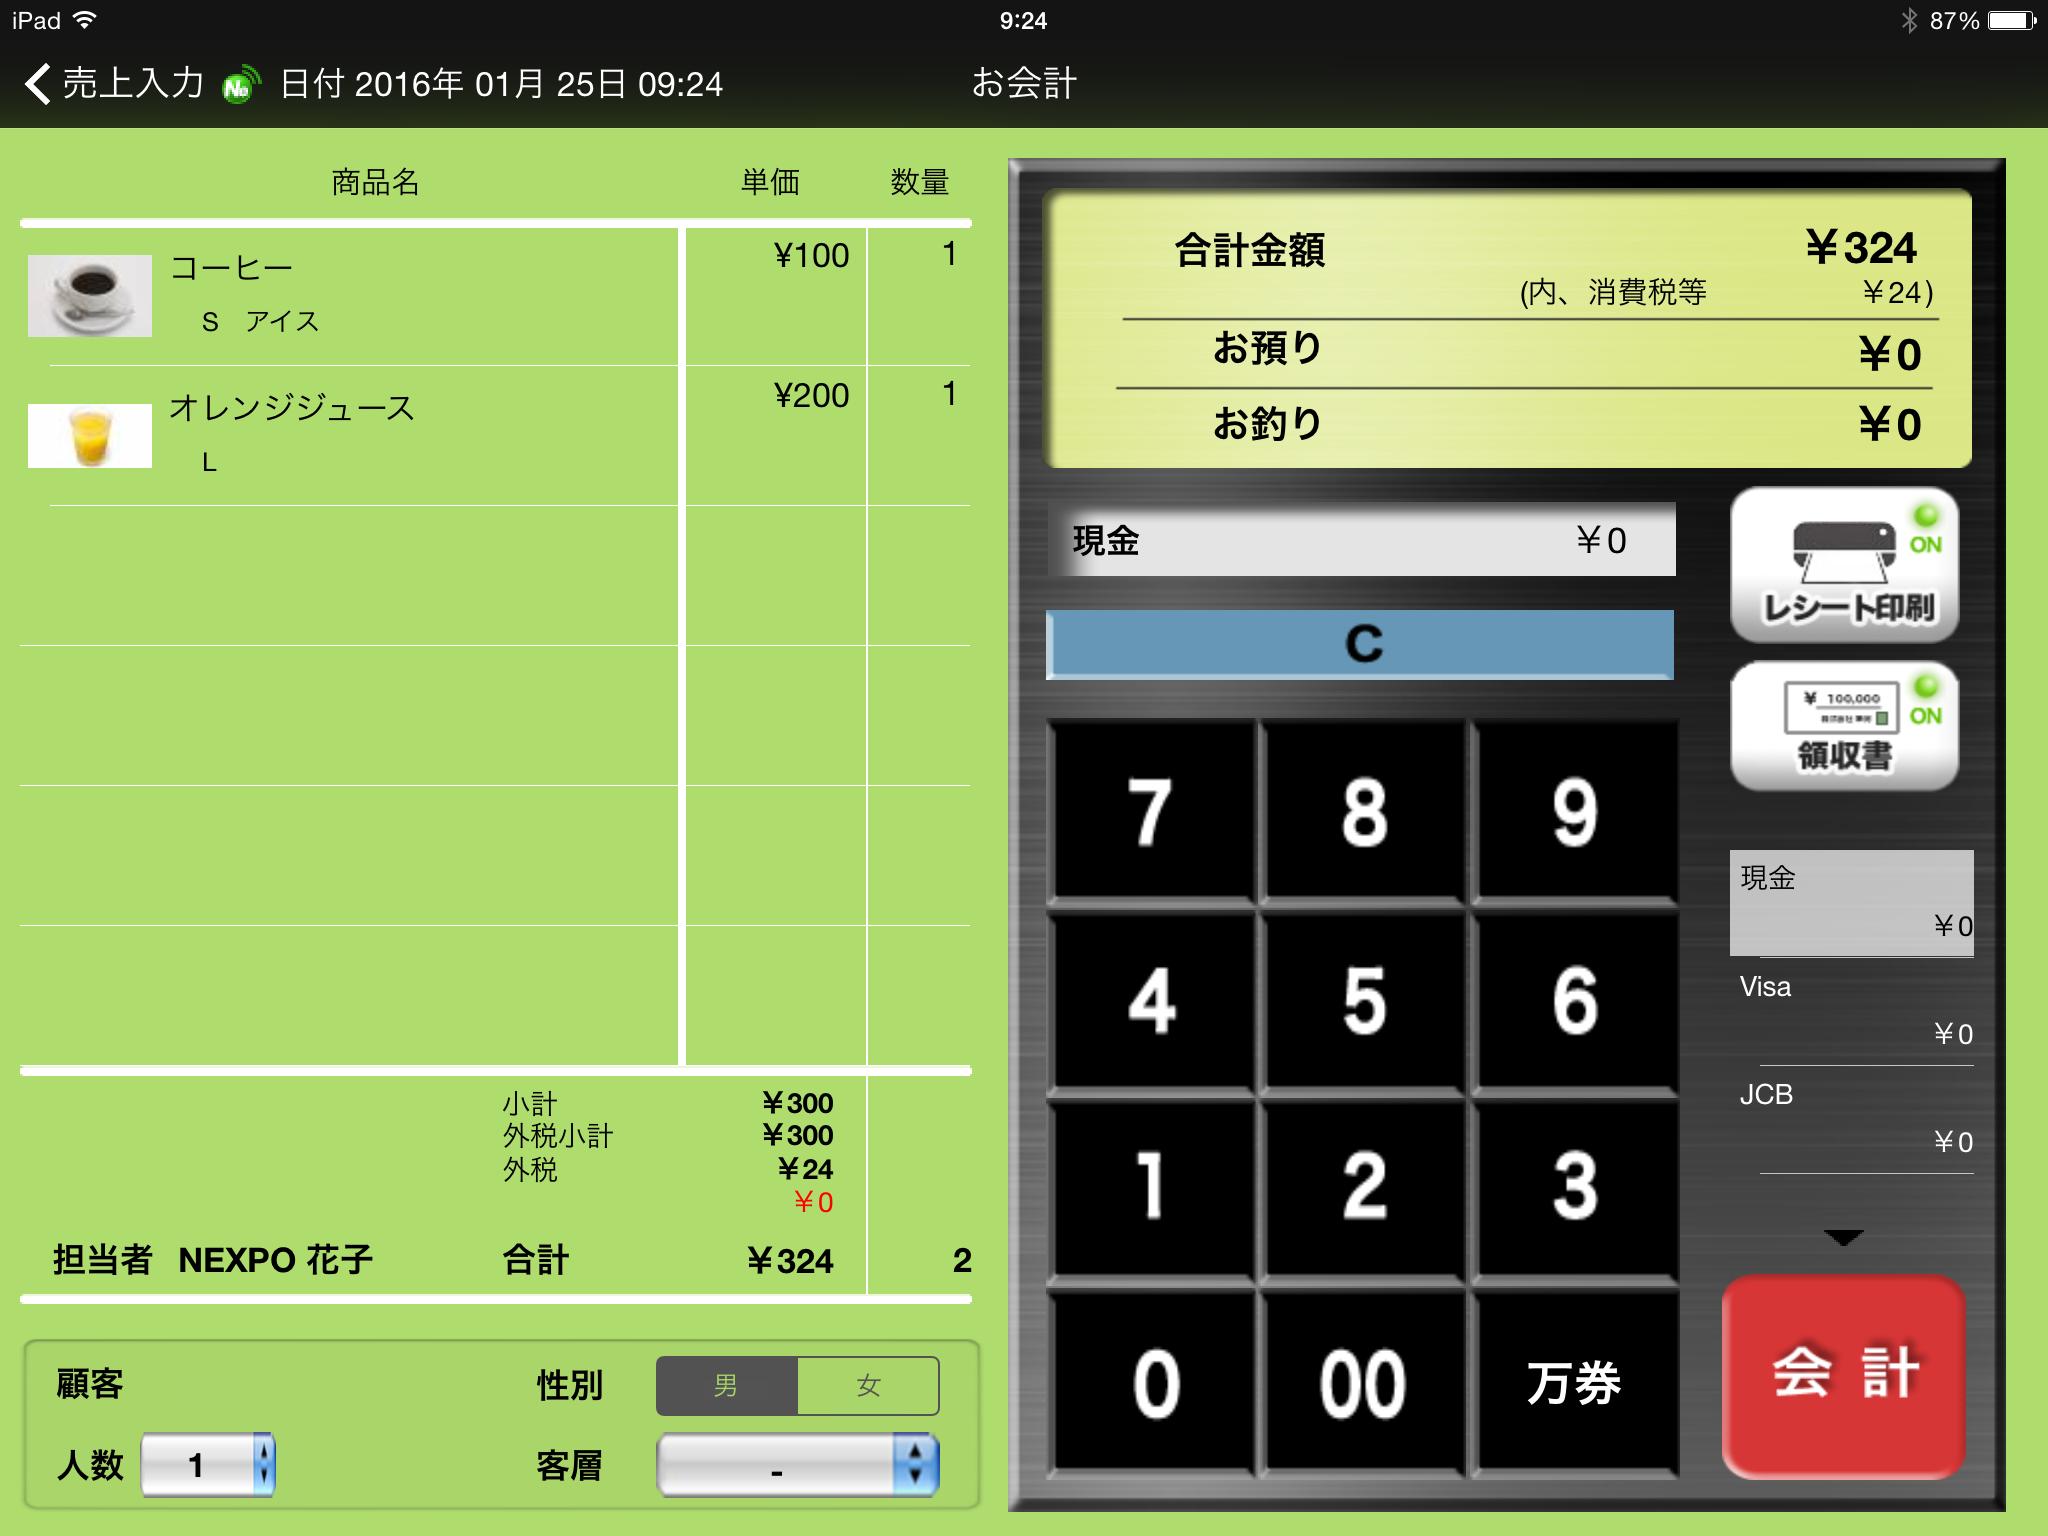 iPadレジでの領収書発行イメージ